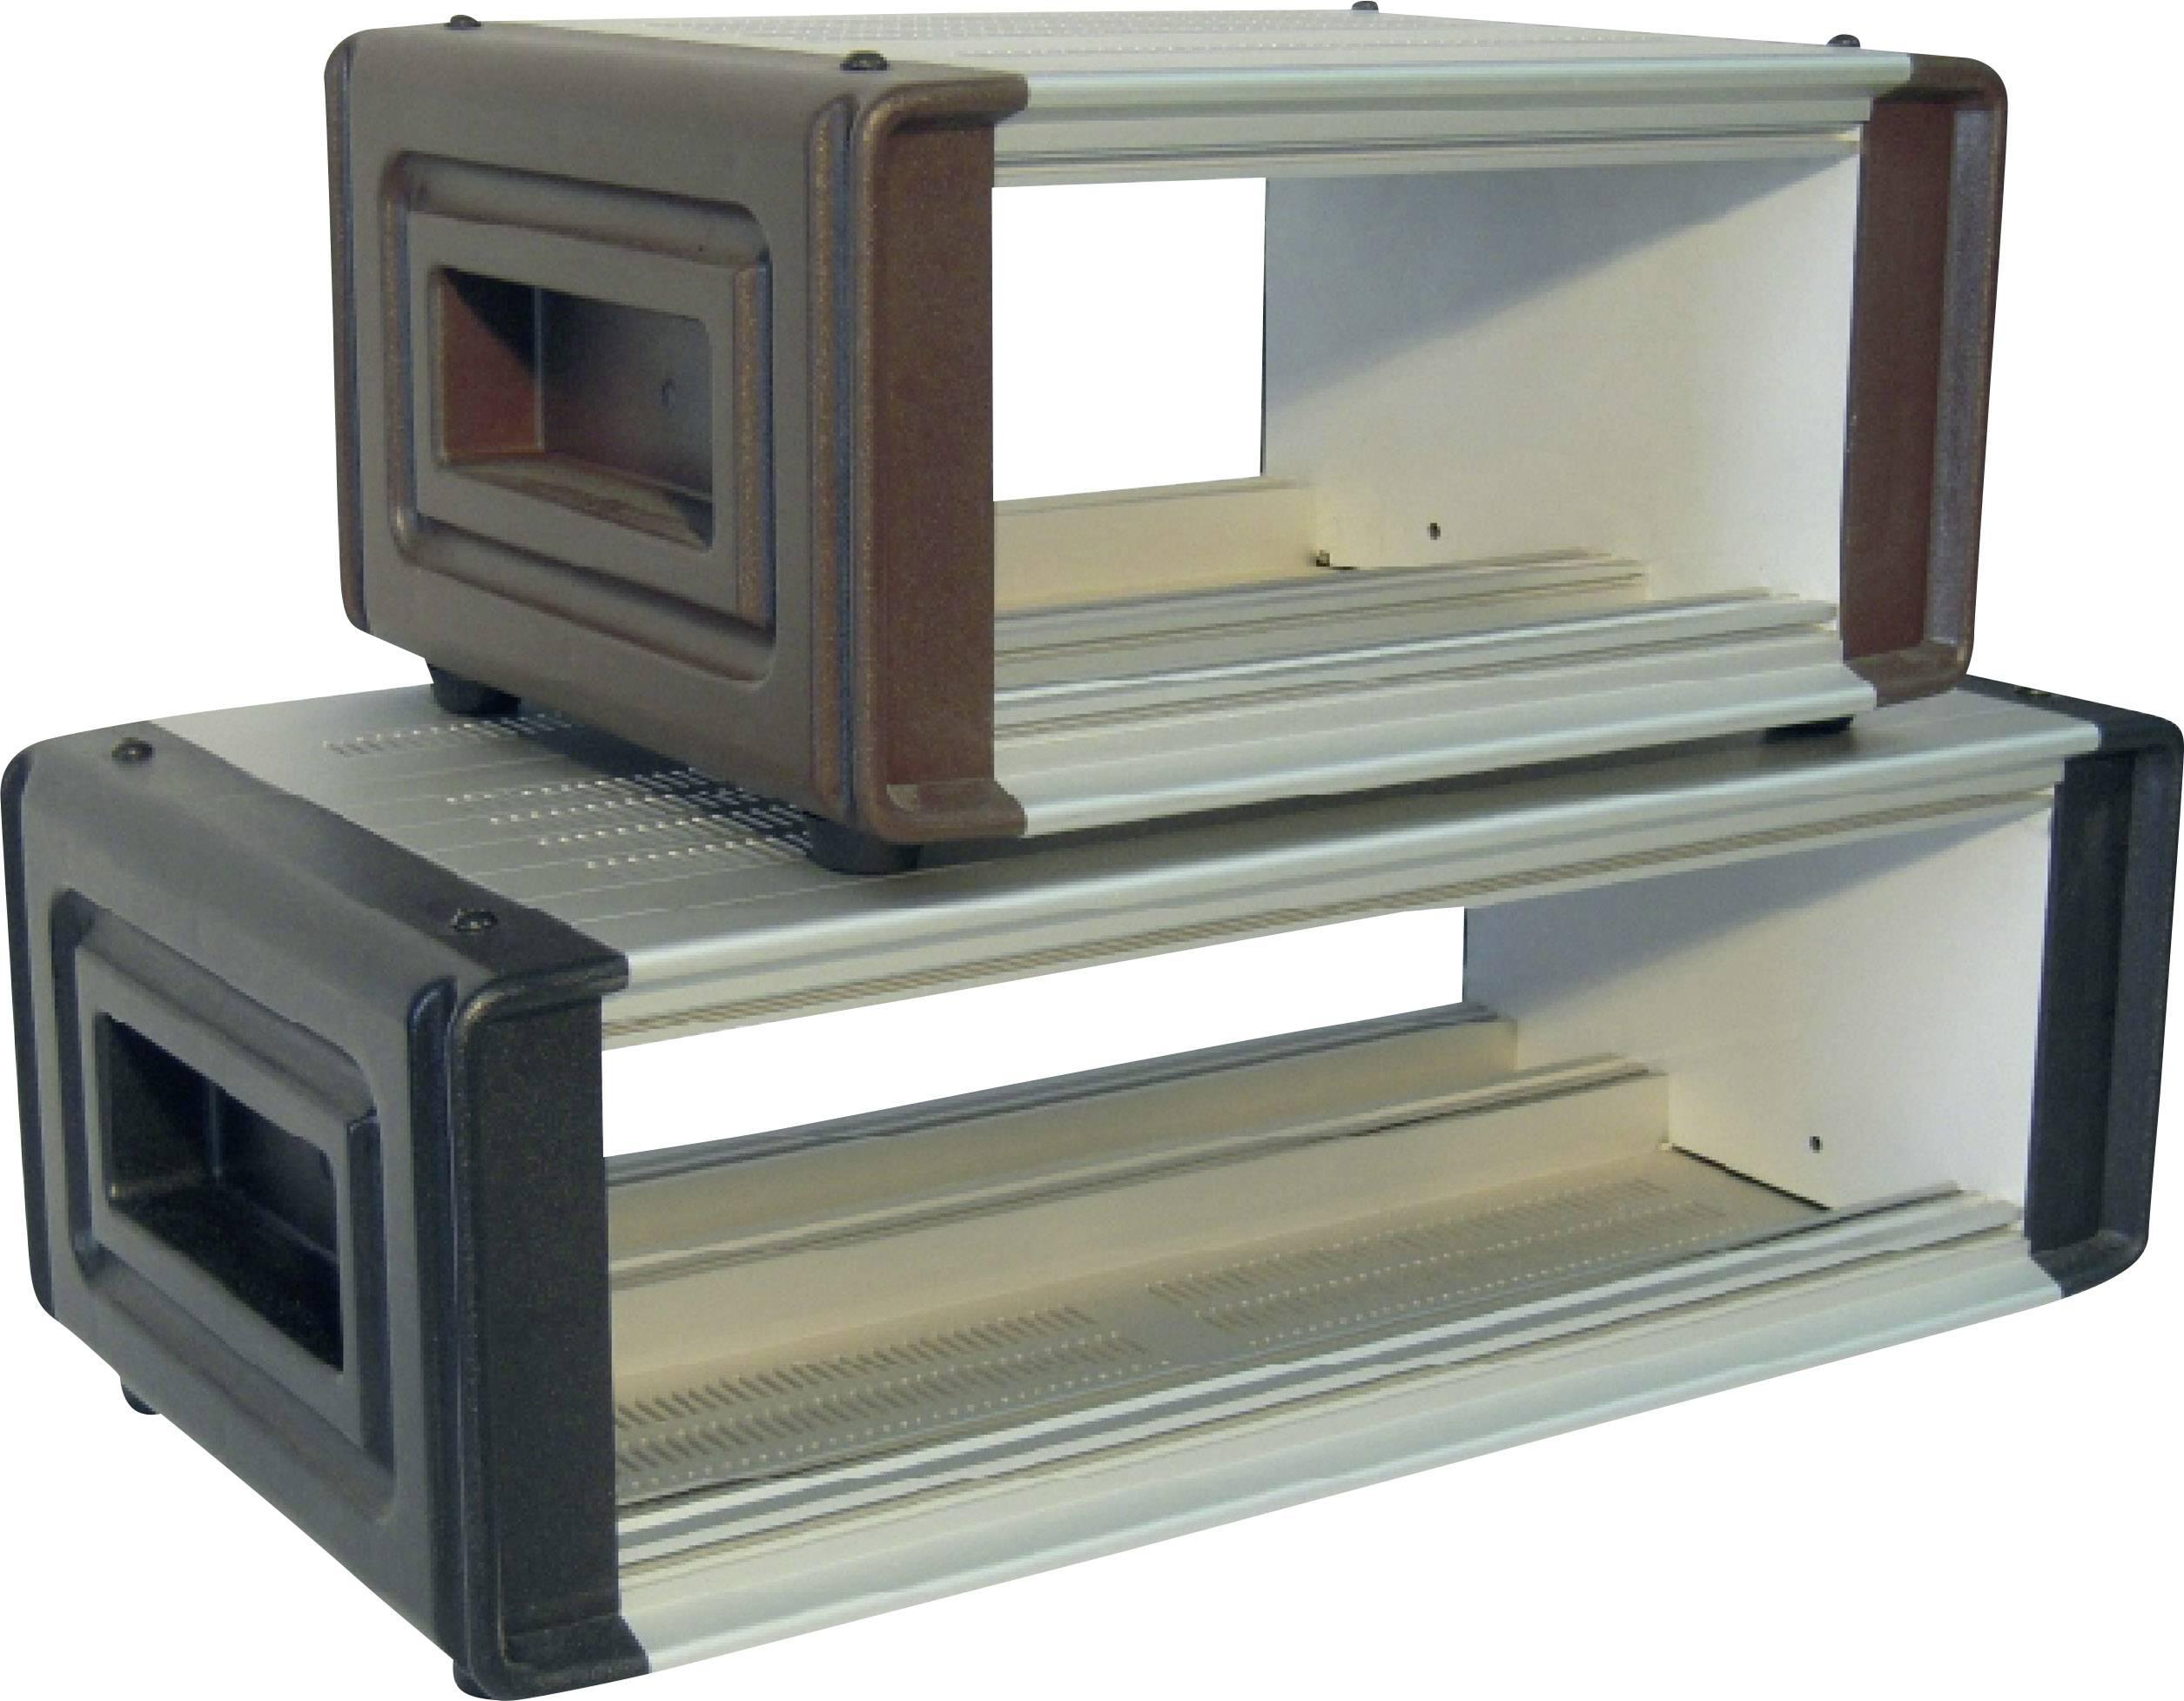 grau Universal-Gehäuse ABS Gehäuse 218 x 235 x 92 Kunststoff Gehäuse schwarz